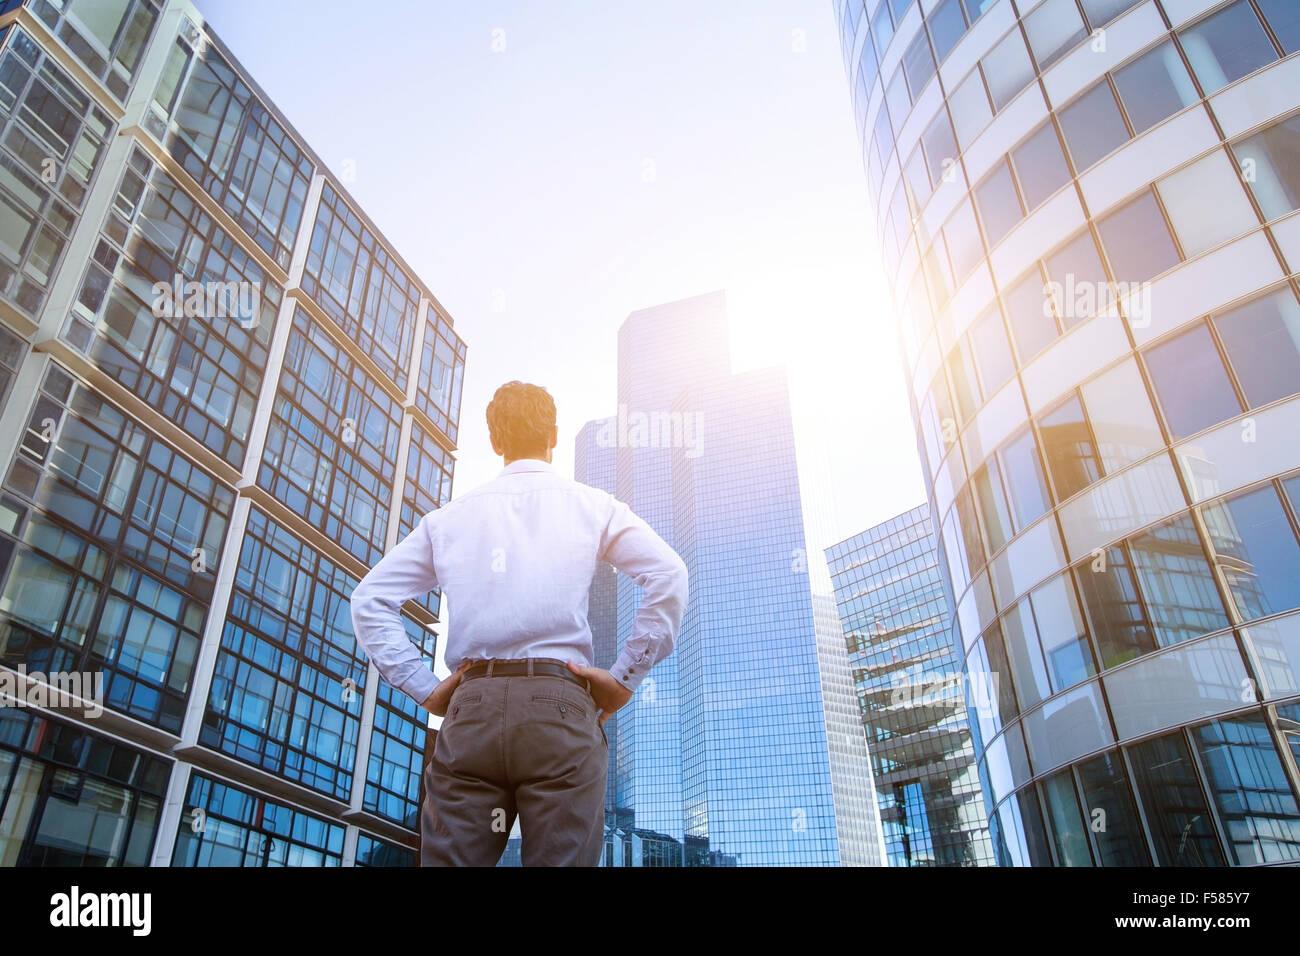 Notion de carrière, les antécédents en affaires, l'homme à la recherche de bâtiments à bureaux Banque D'Images